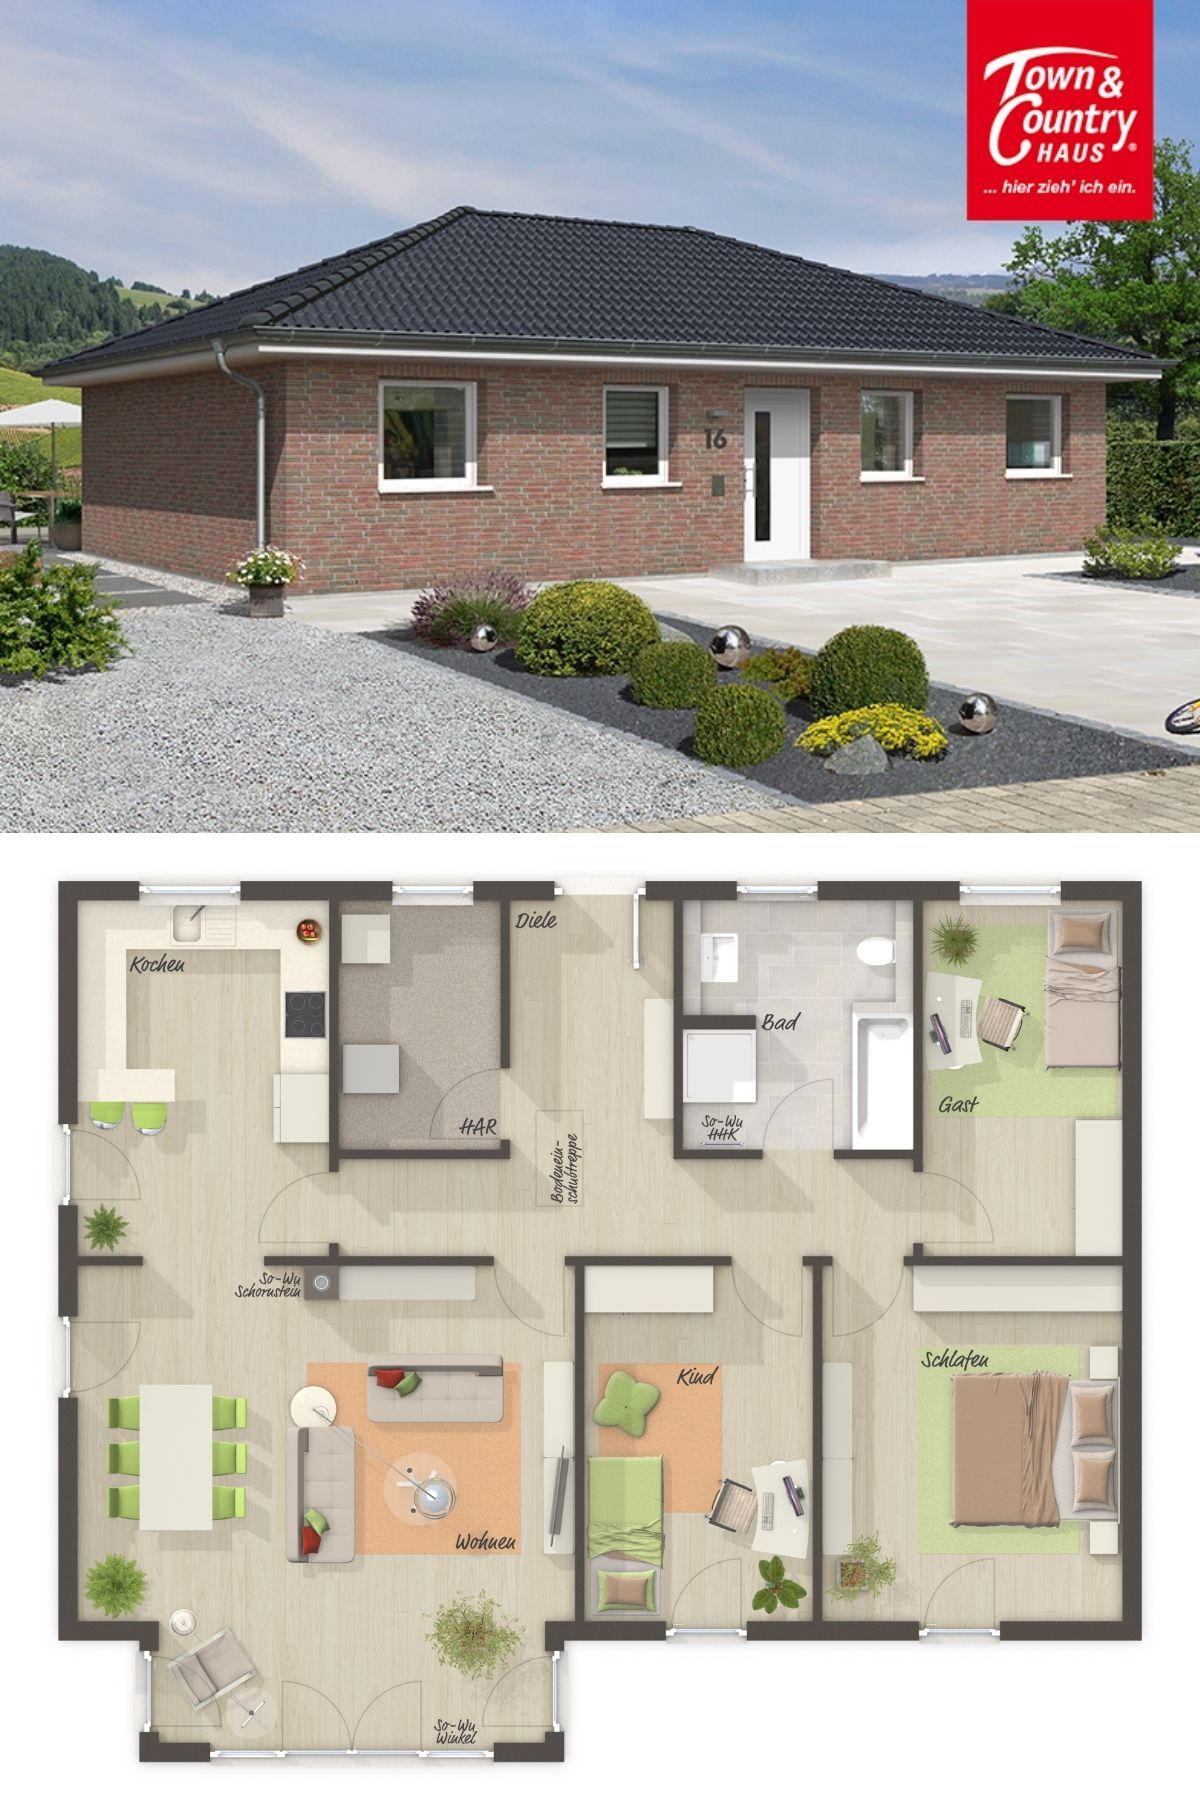 Moderner Bungalow Grundriss Mit Walmdach Architektur U0026 Klinker Fassade   Haus  Bauen Ideen Massivhaus BUNGALOW 110